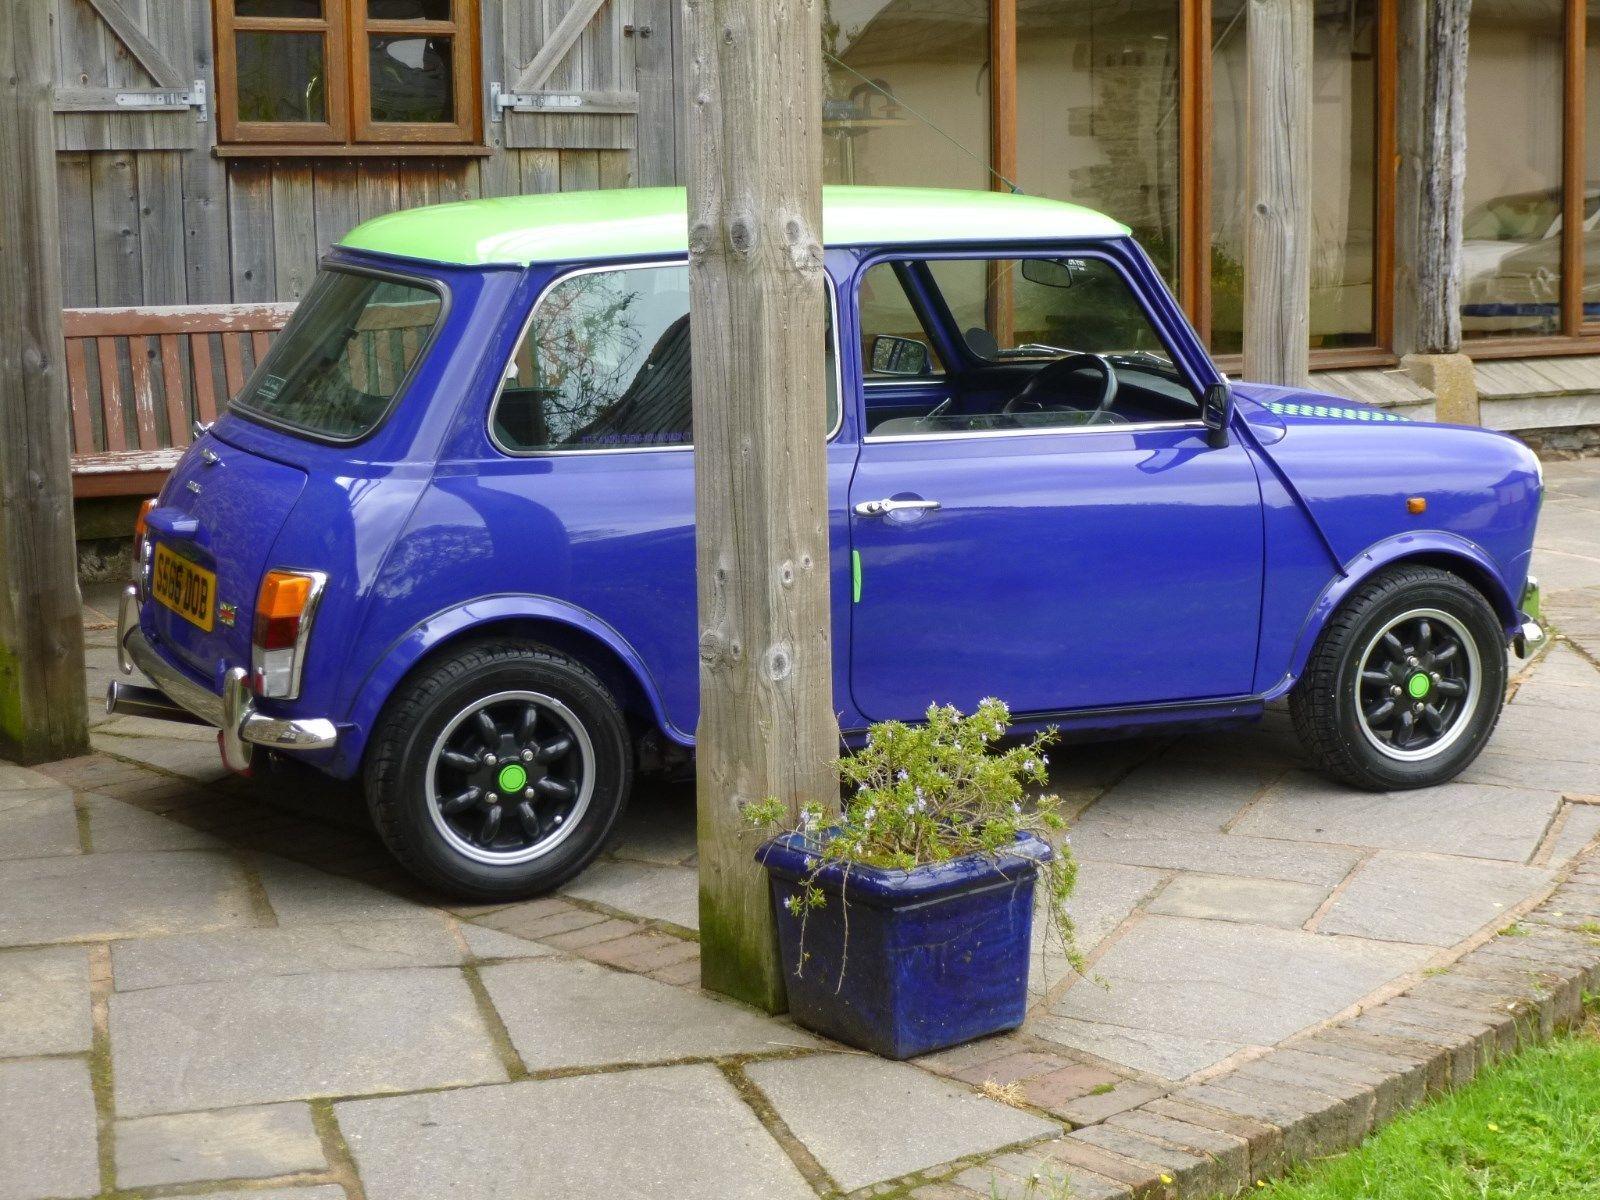 Ebay Rover Mini Paul Smith Limited Edition 1 Of 300 Uk Cars Ever Made On 26300 Miles Classicmini Mini Mini Morris Classic Mini Mini Cars For Sale